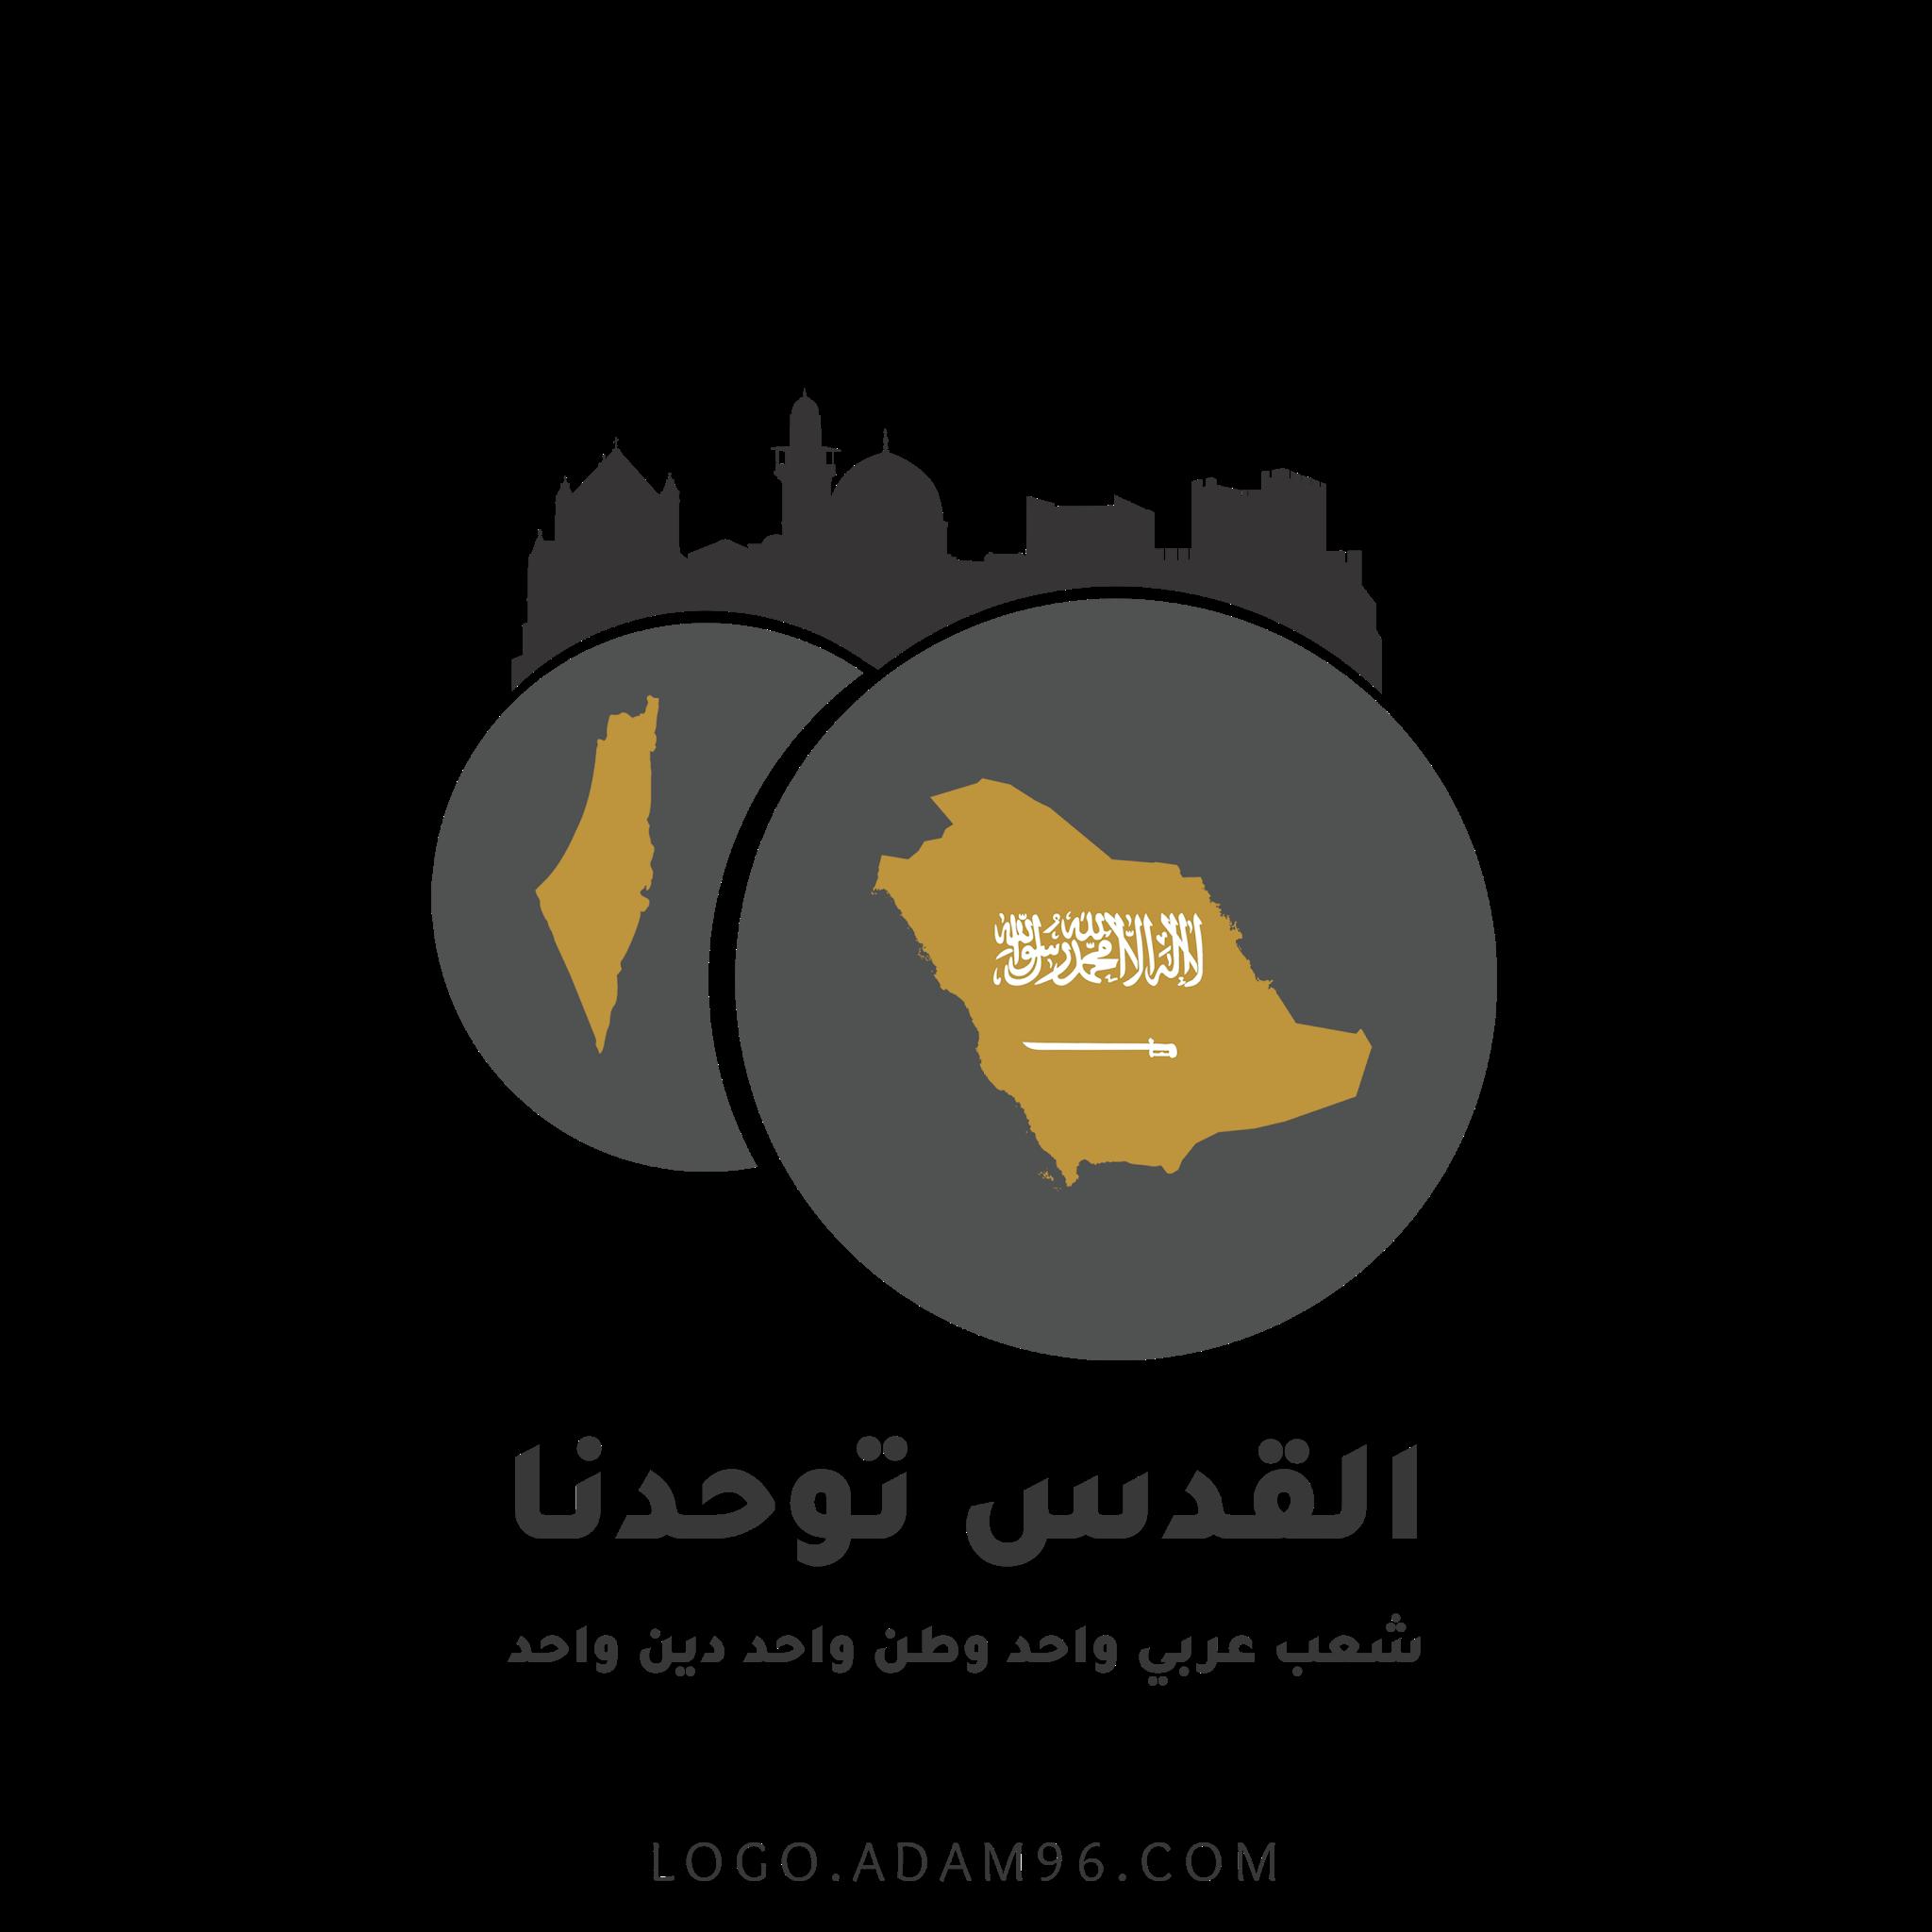 تحميل شعار القدس توحدنا السعودية وفلسطين لوجو السعودية مع فلسطين PNG